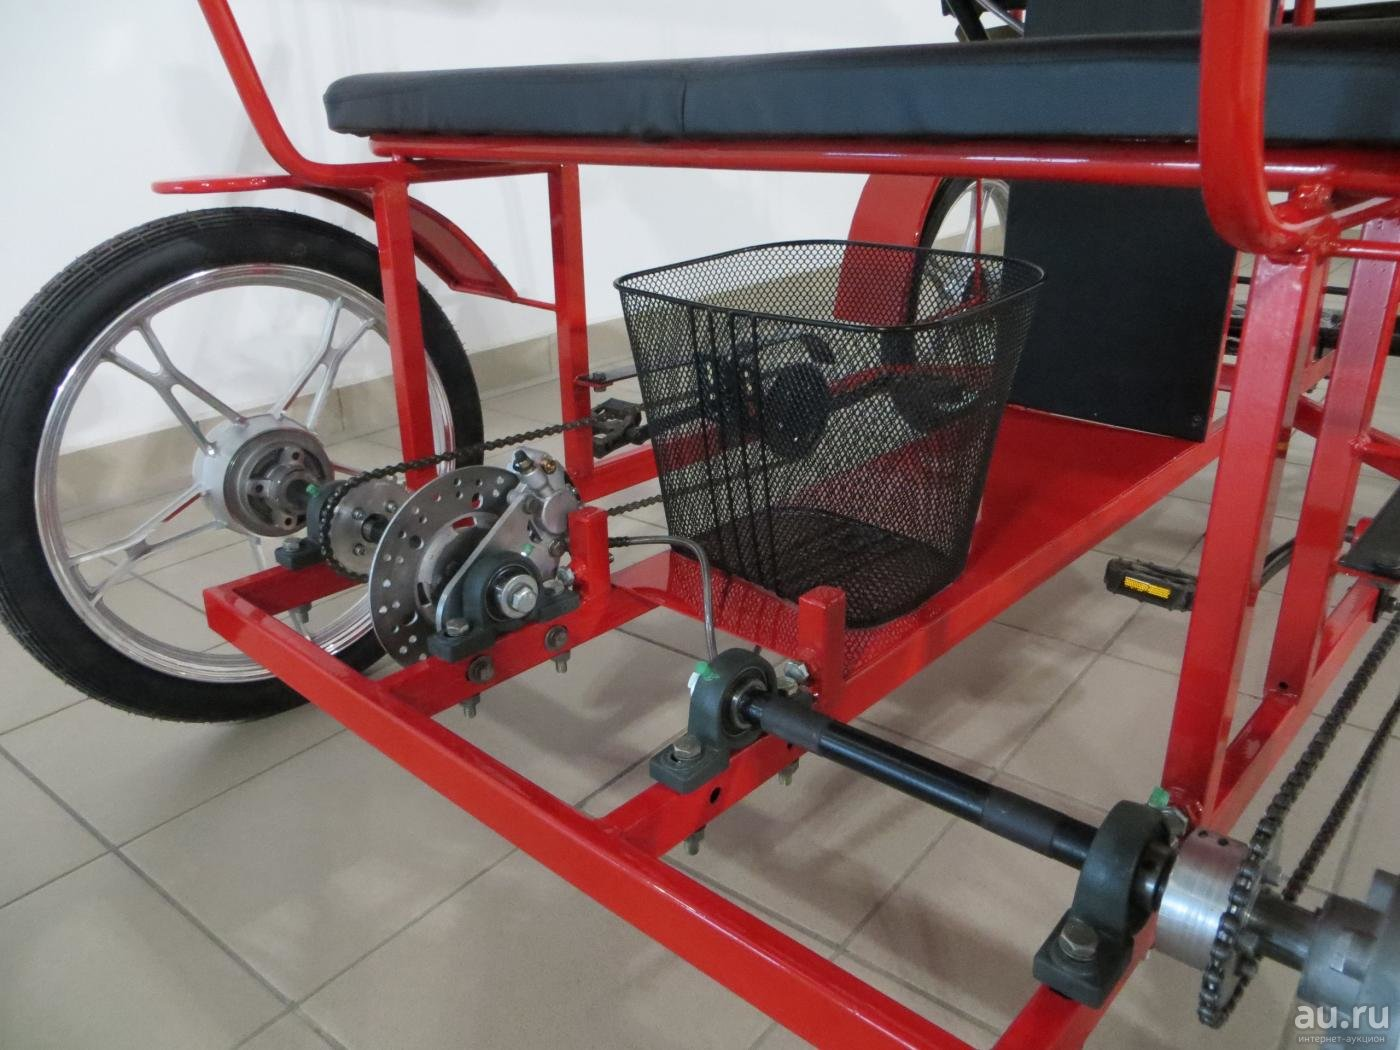 Трехколесный велосипед для взрослых своими руками